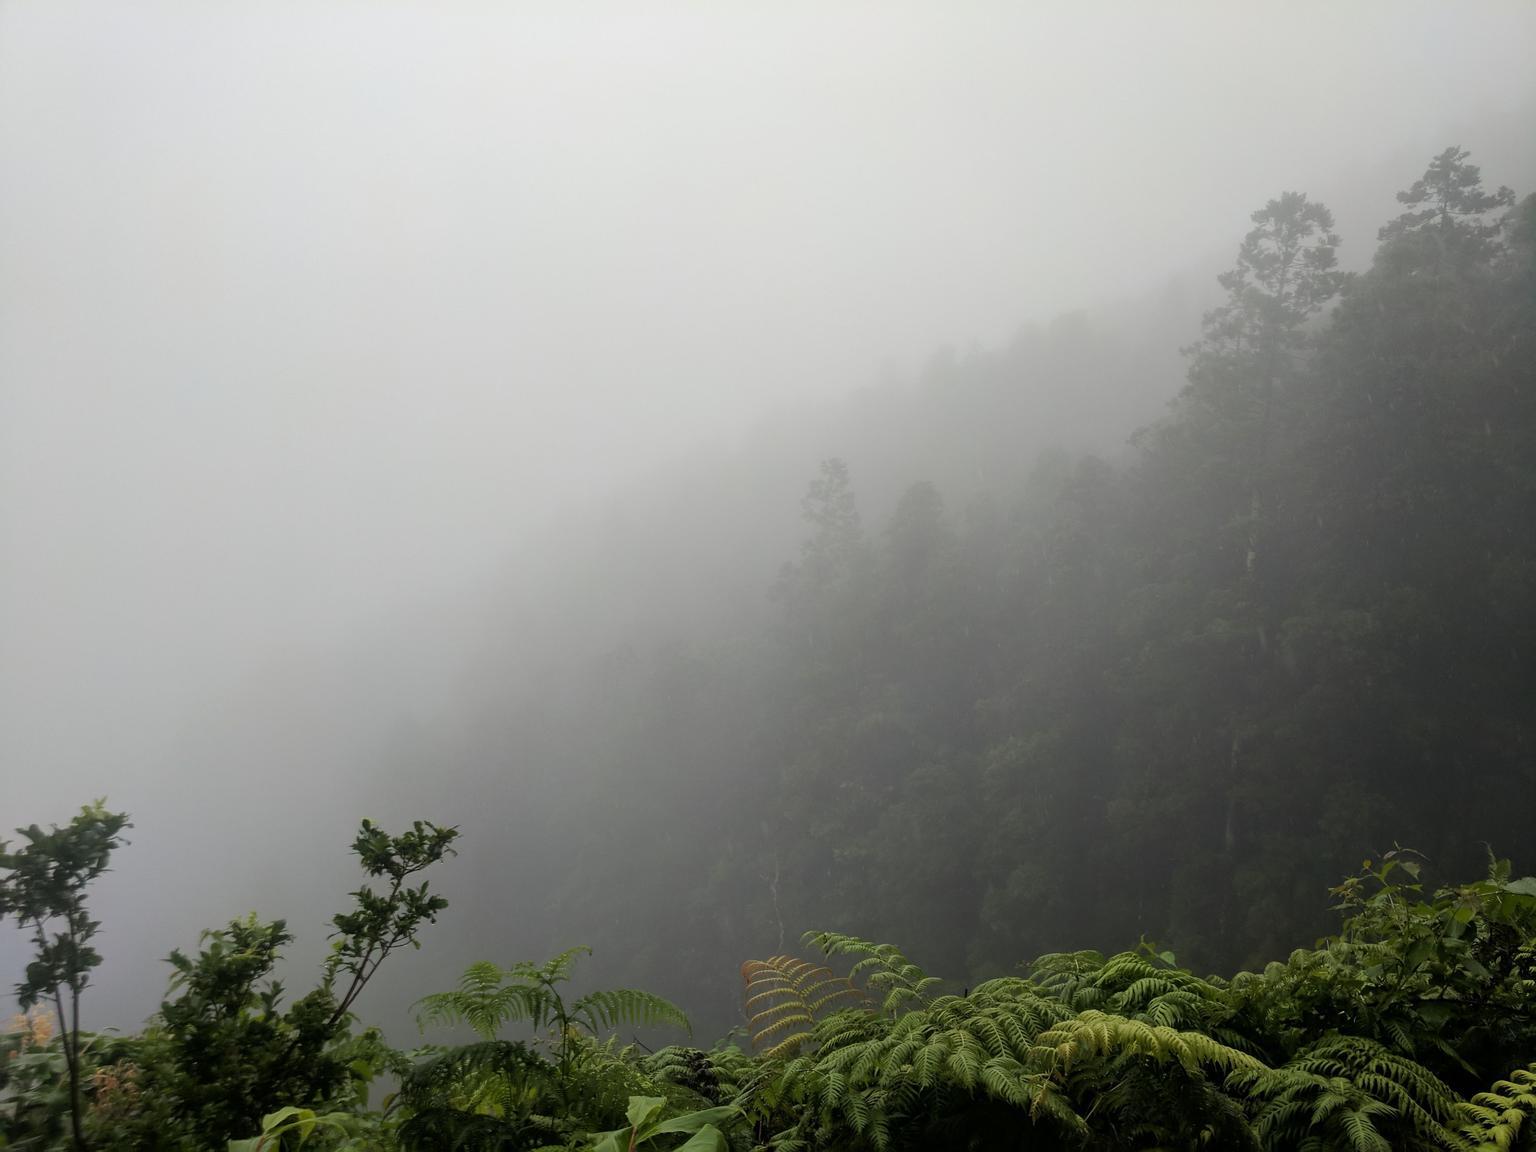 MÁS FOTOS, Recorrido en 4x4 al nordeste desde Ponta Delgada